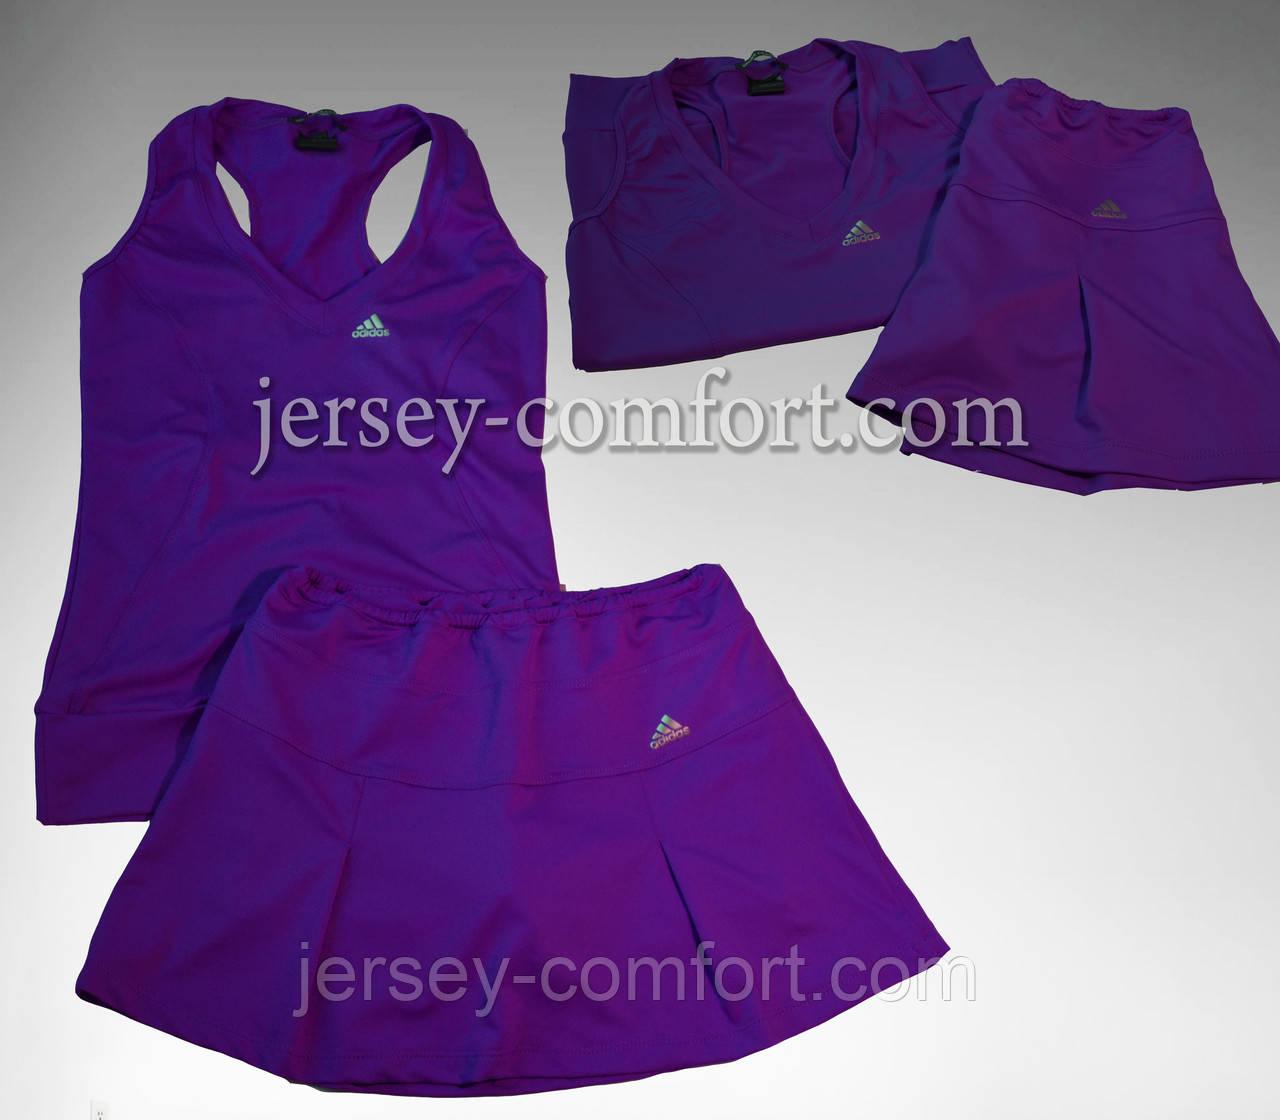 Юбка-шорты и майка. Комплект из эластана. Цвет- фиолет. Мод. 4013. Разные цвета.